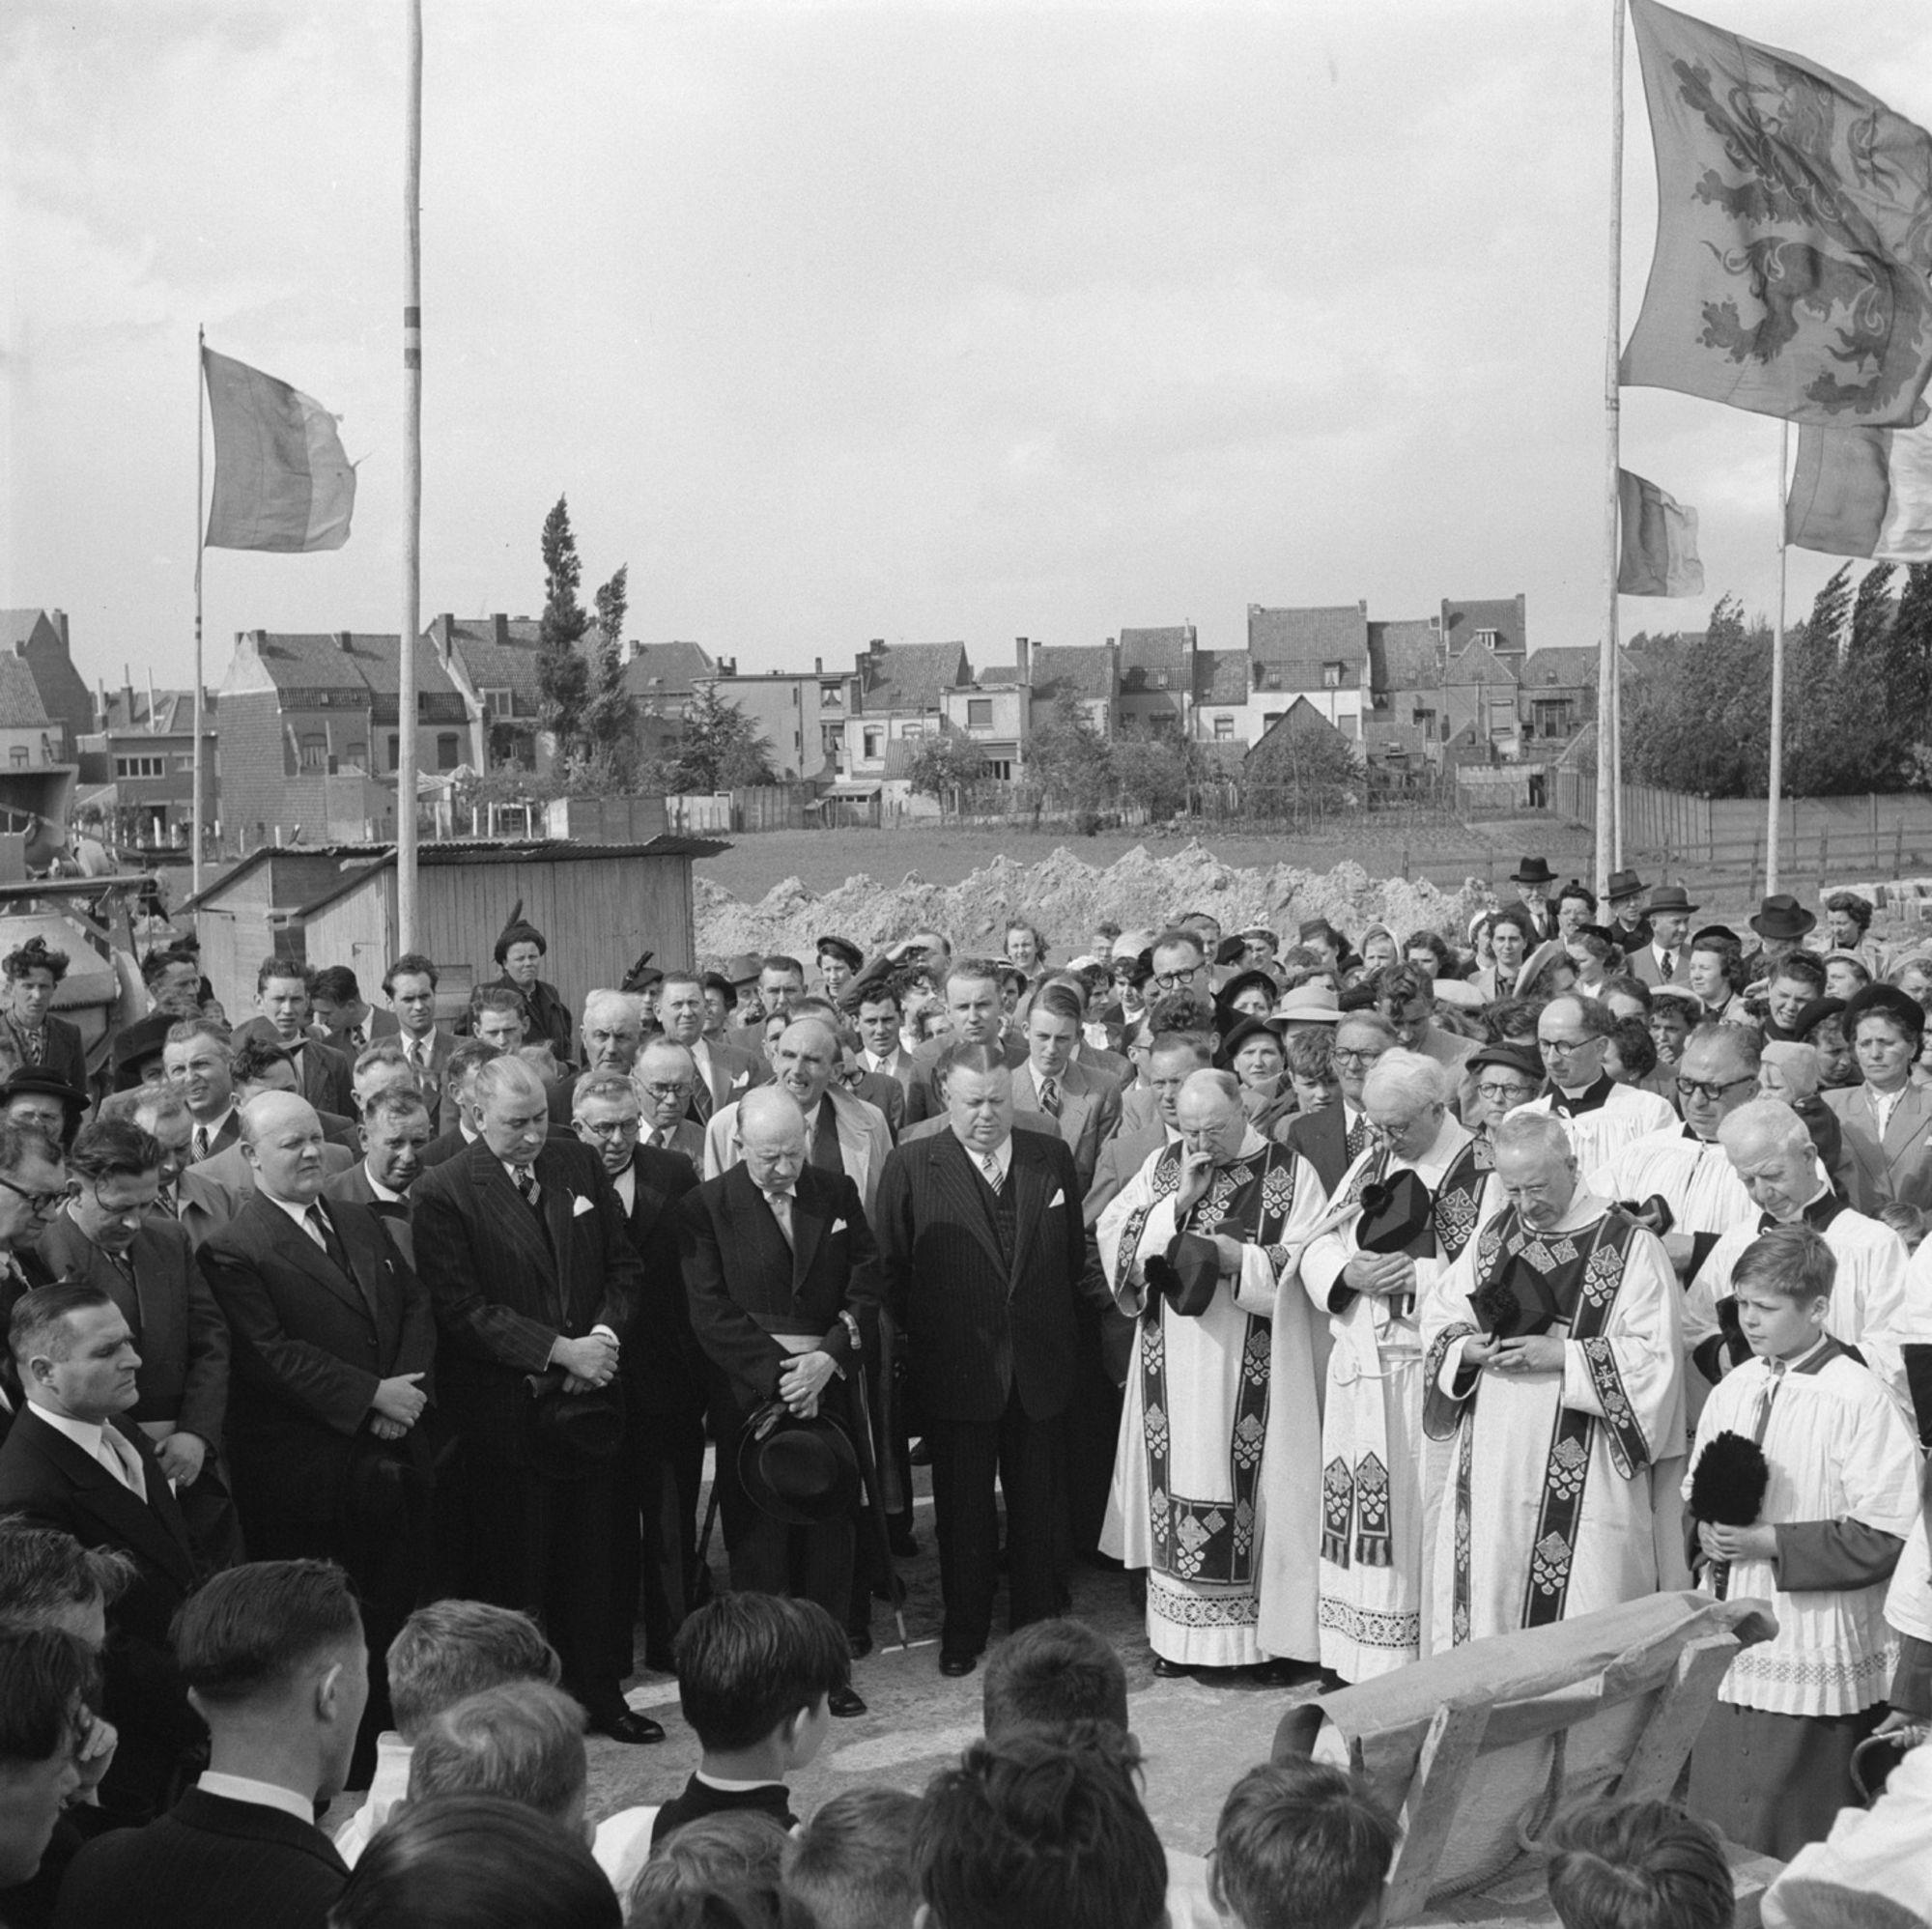 Eerstesteenlegging Fatimakerk